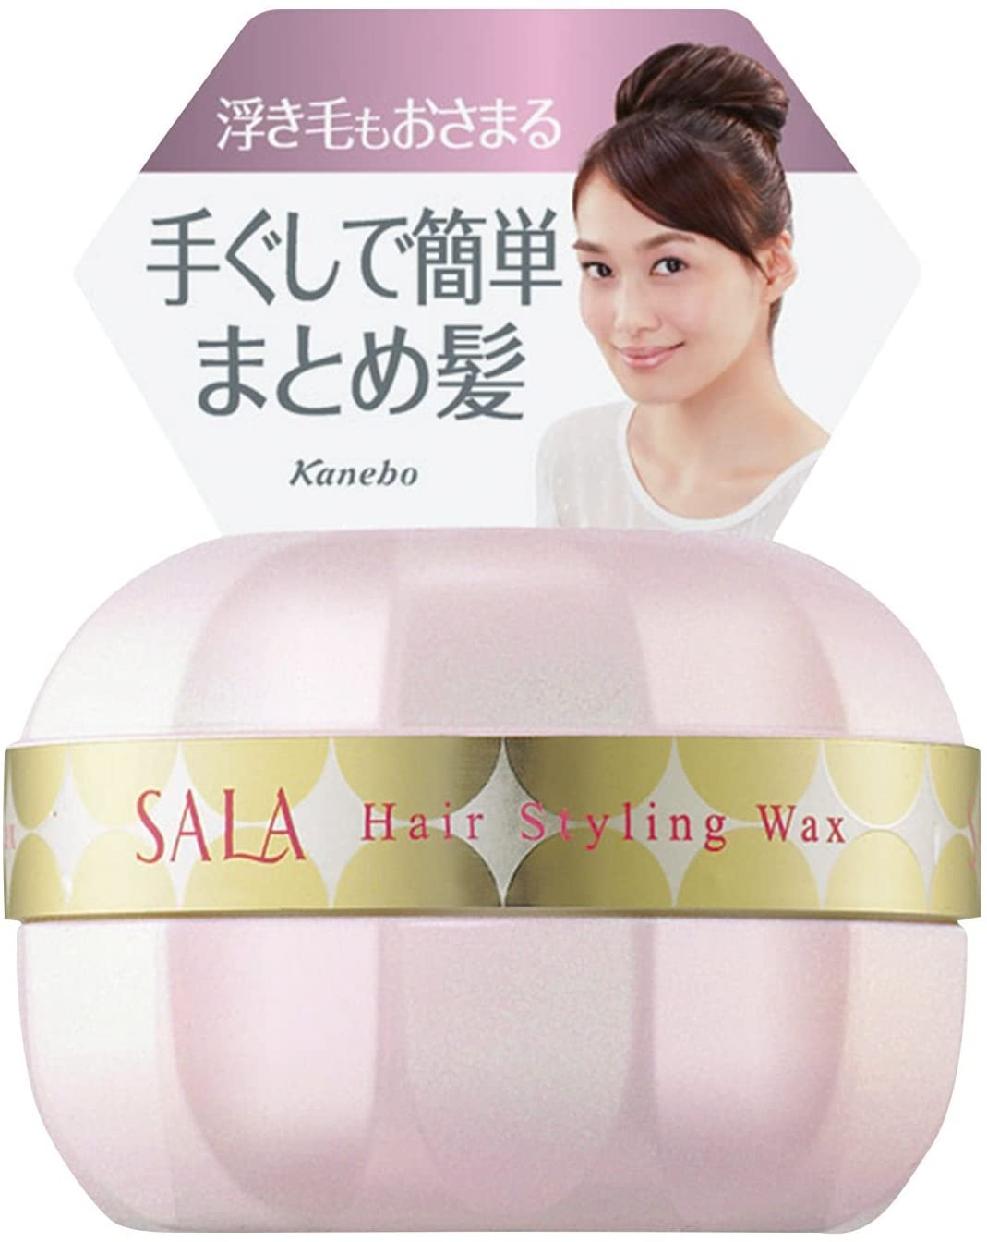 SALA(サラ) まとめ髪メイクワックスEXの商品画像